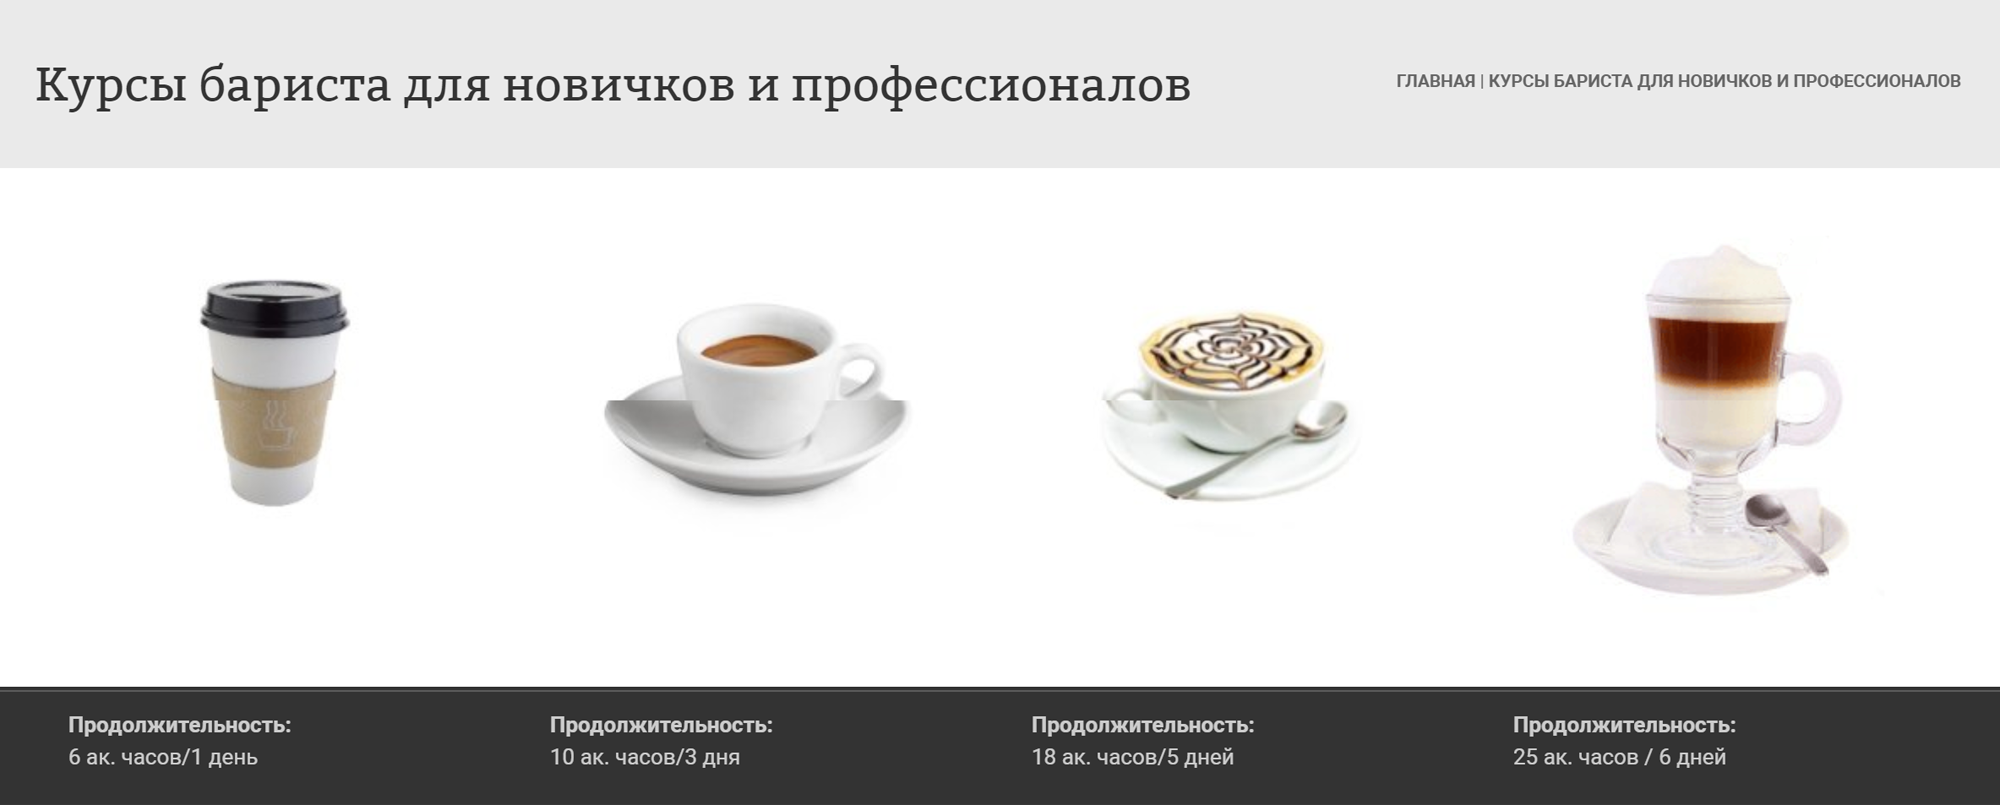 Курсы бариста: за шесть часов занятий с вас возьмут 7500 рублей